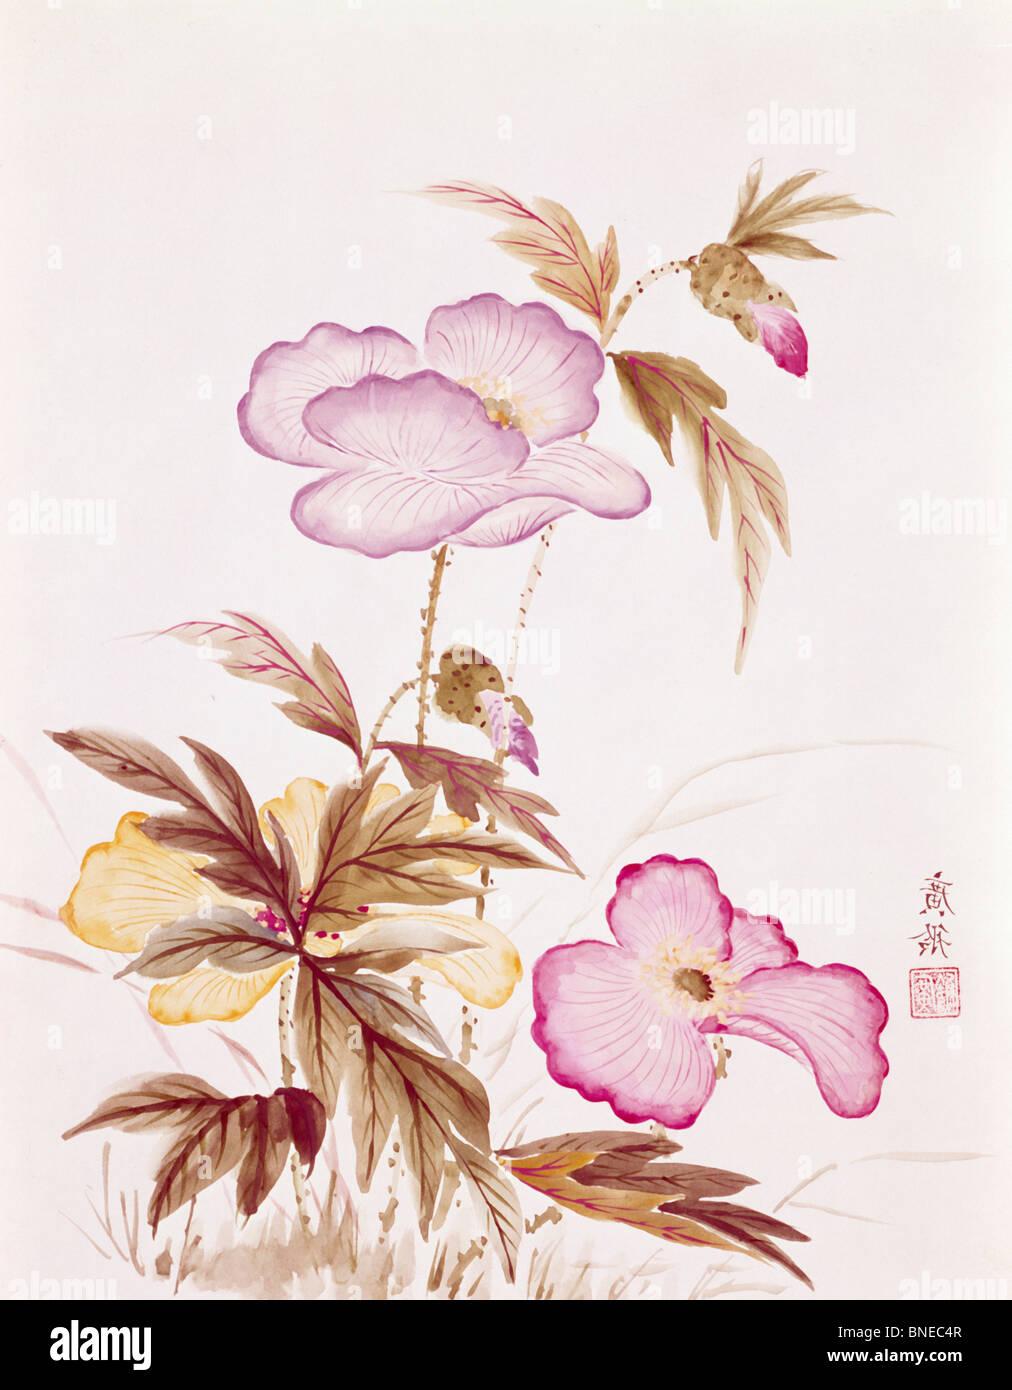 Amore rifiutato di amore da Kwang-Ling Ku, xx secolo Immagini Stock